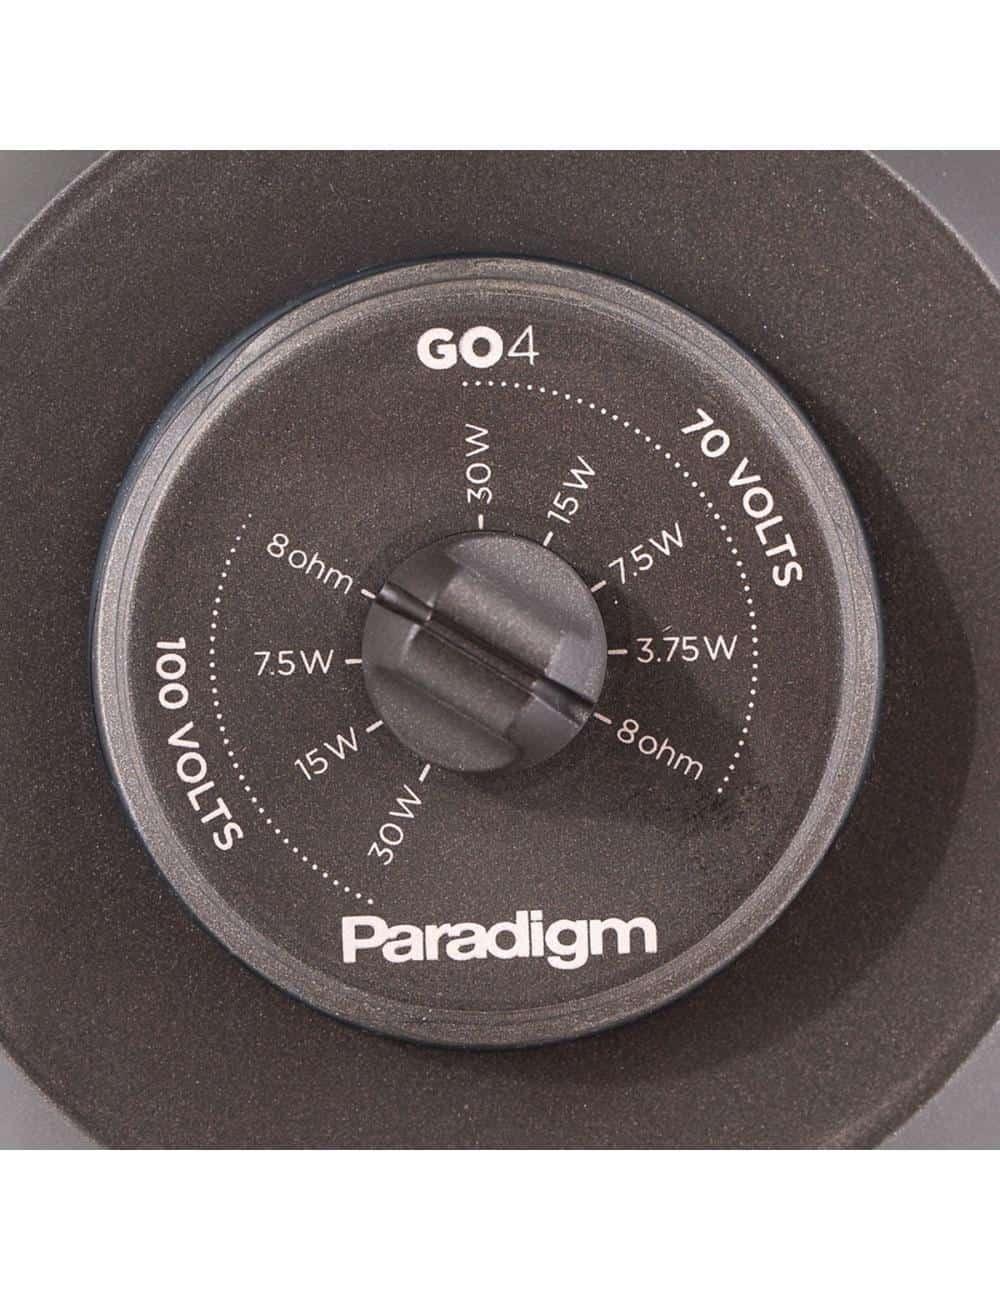 diffusore acustico HiFi da esterno resistente all'acqua,  Paradigm GO4, selettore